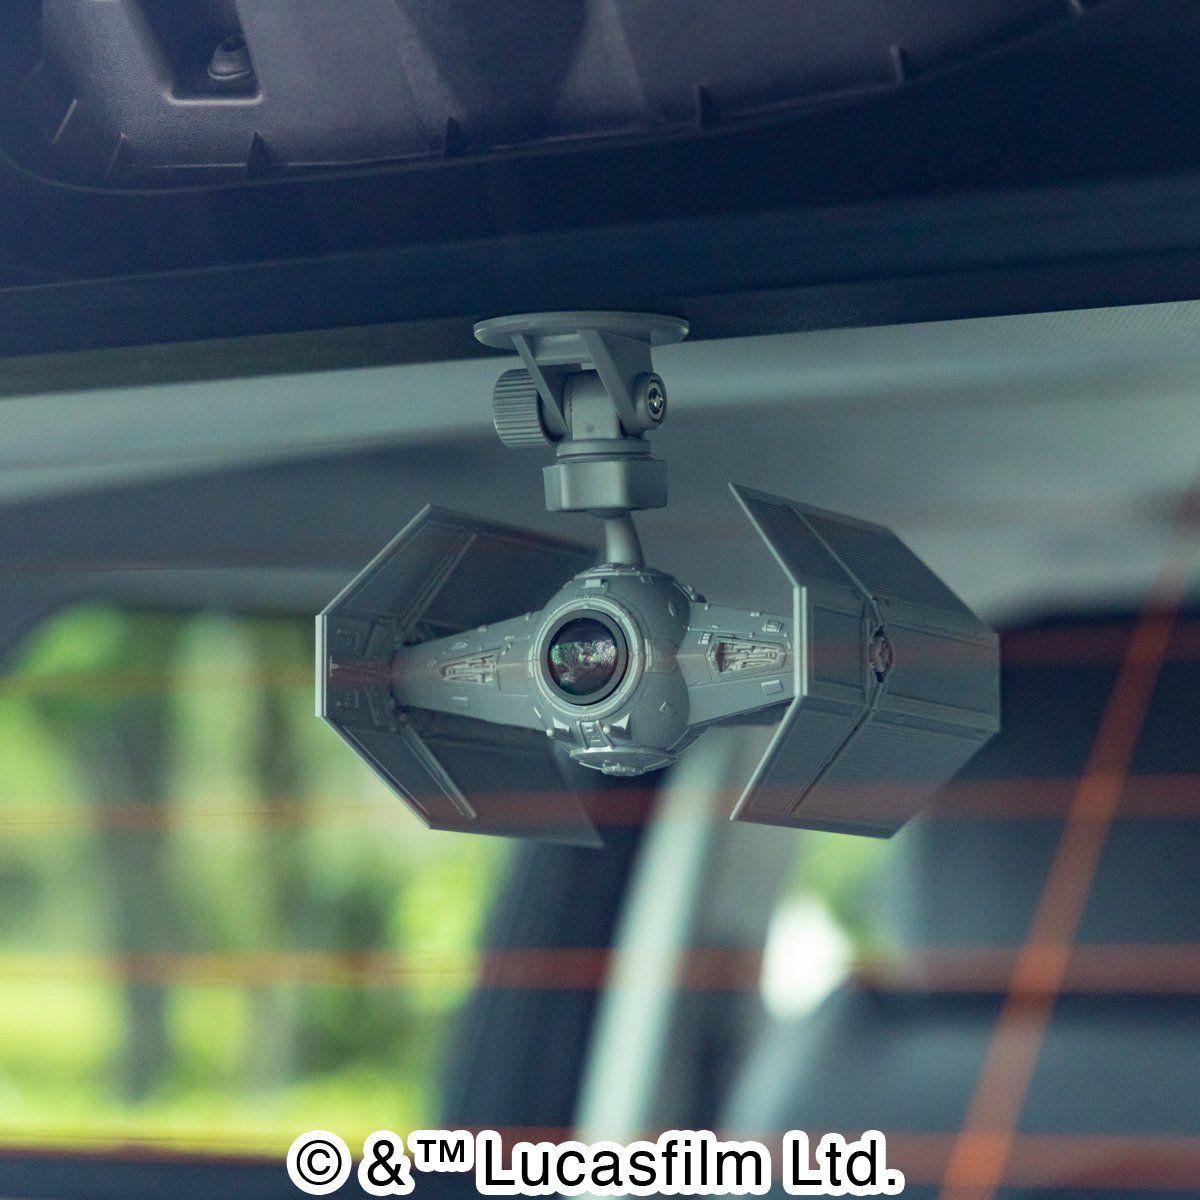 【限定販売】スター・ウォーズ『スターウォーズ ドライブレコーダー SW-MS01』カー用品-009